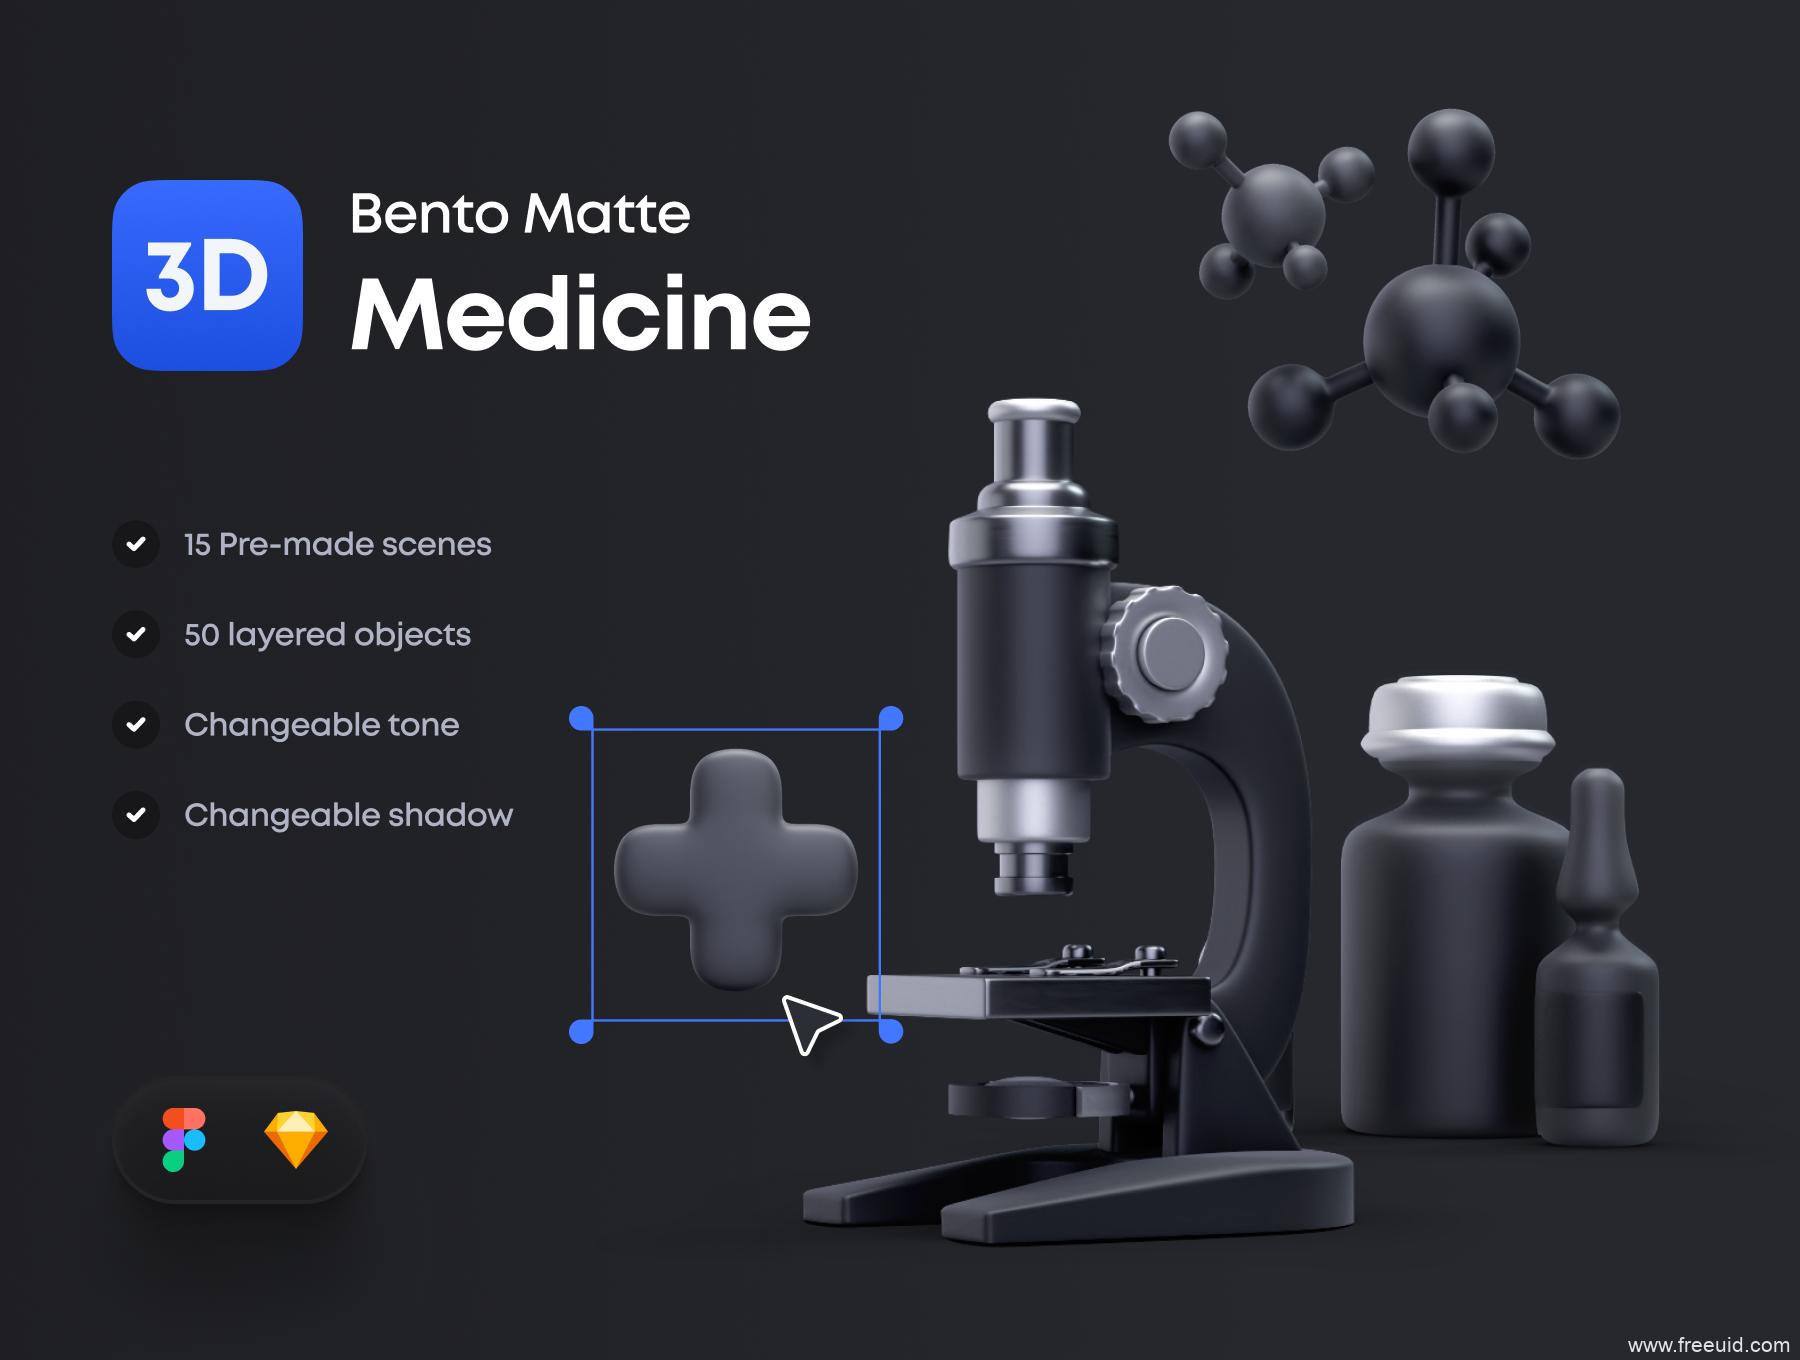 一套褐色哑光风格医疗服务相关的3D图标素材资源下载